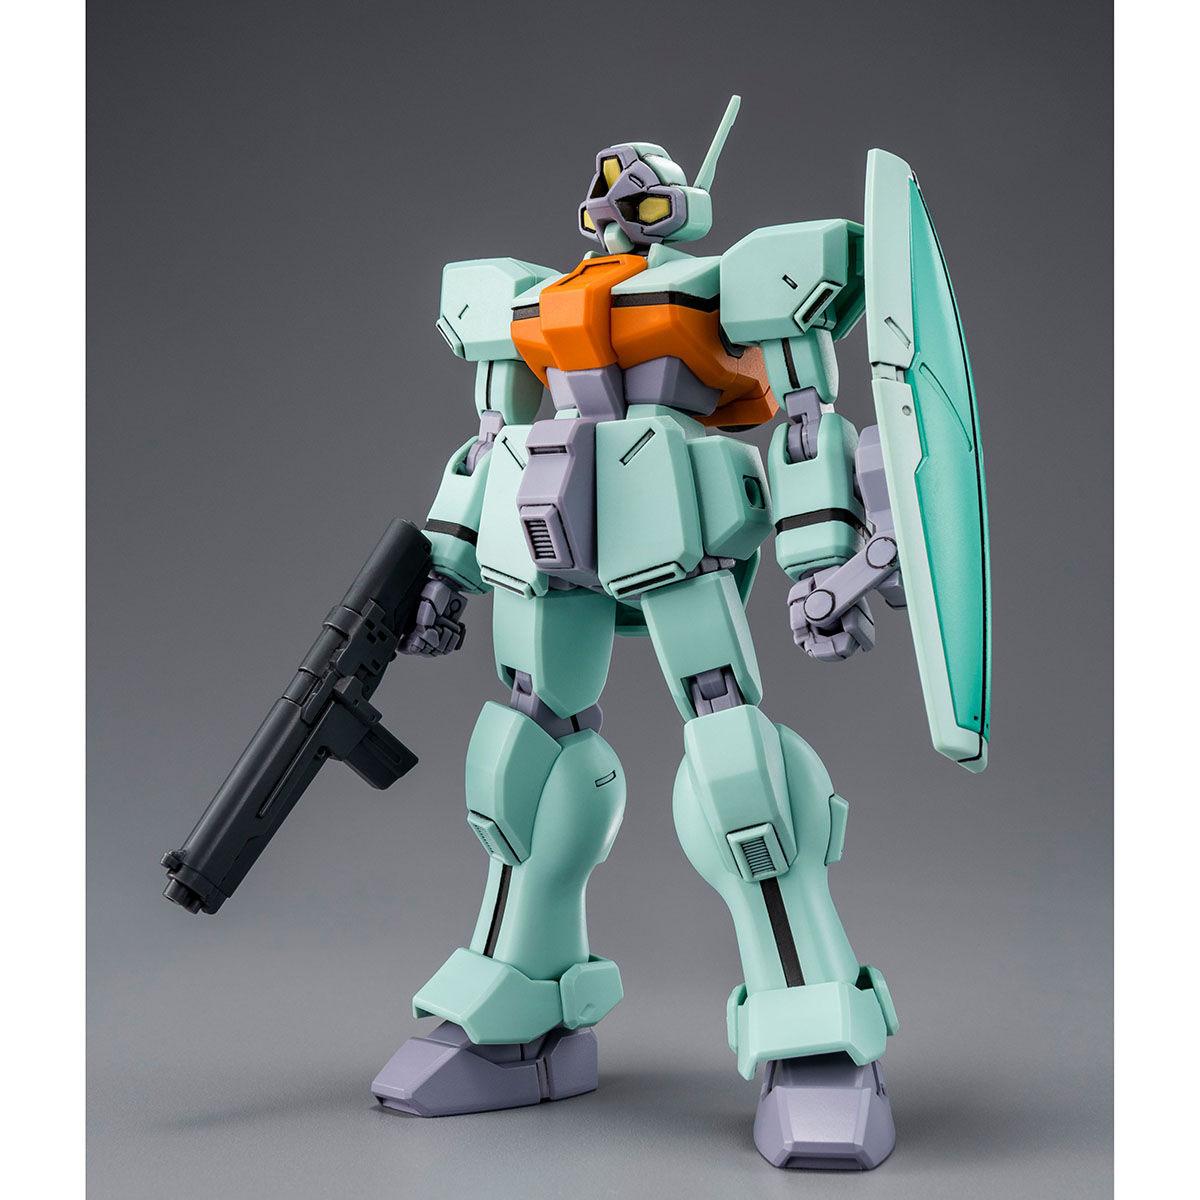 【限定販売】HG 1/144『ドートレス』ガンダムX プラモデル-002